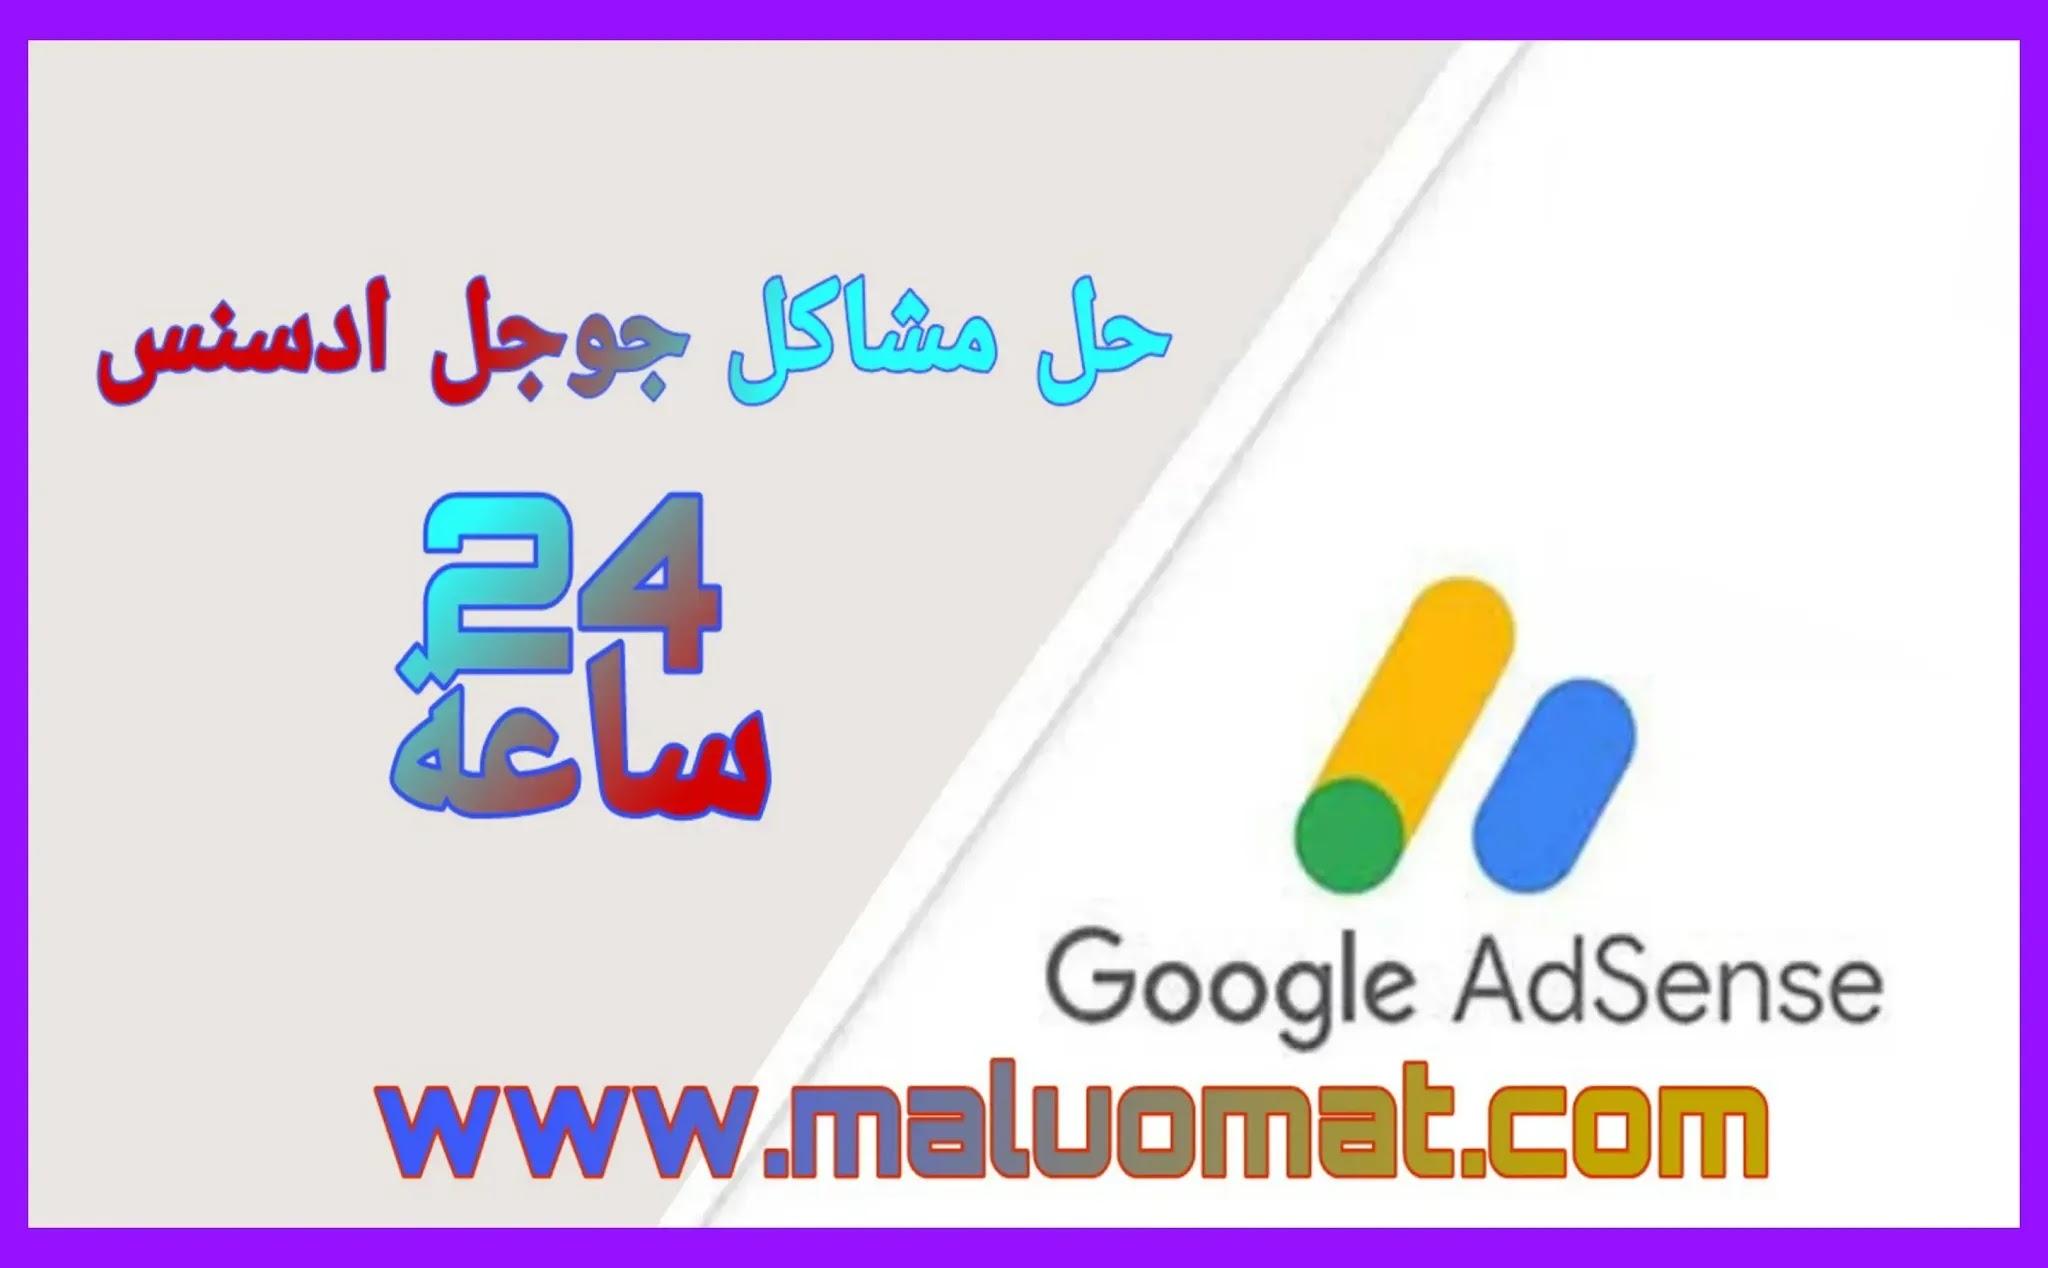 كيفية مراسلة جوجل أدسنس لحل فوري لجميع المشاكل How to contact Google Adsense to solve all problems